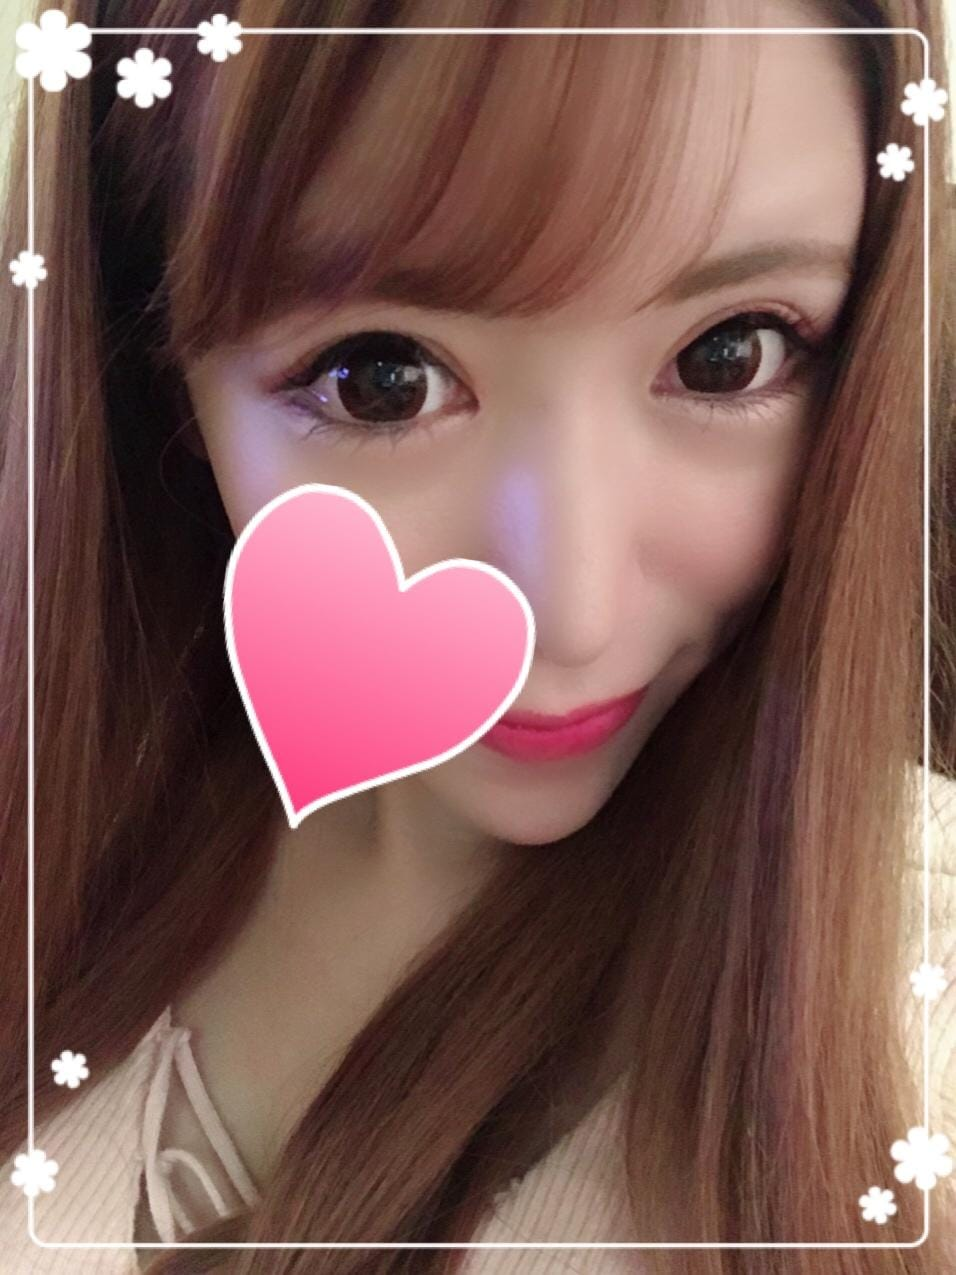 「うわああああ」11/12(11/12) 12:59 | ららの写メ・風俗動画